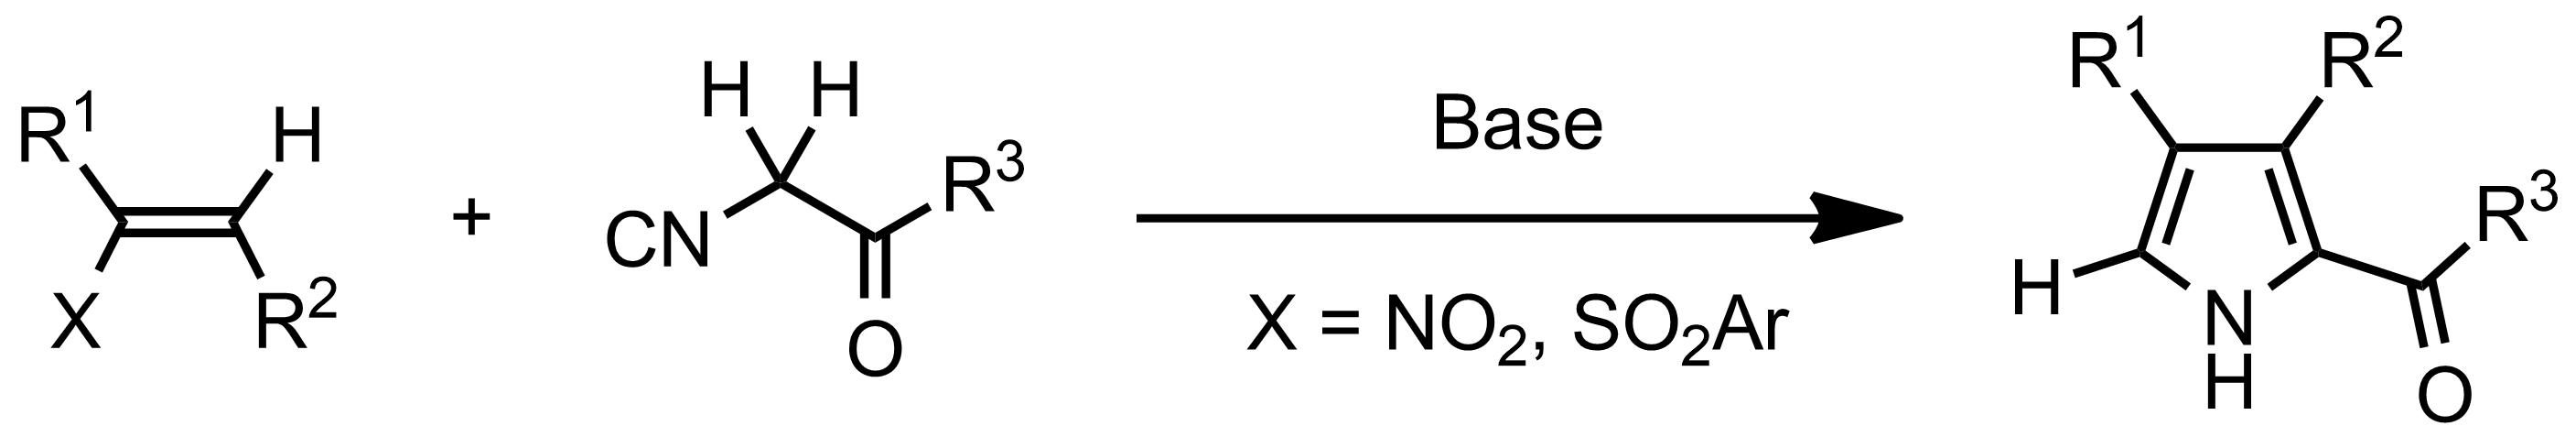 Schematic representation of the Barton-Zard Reaction.